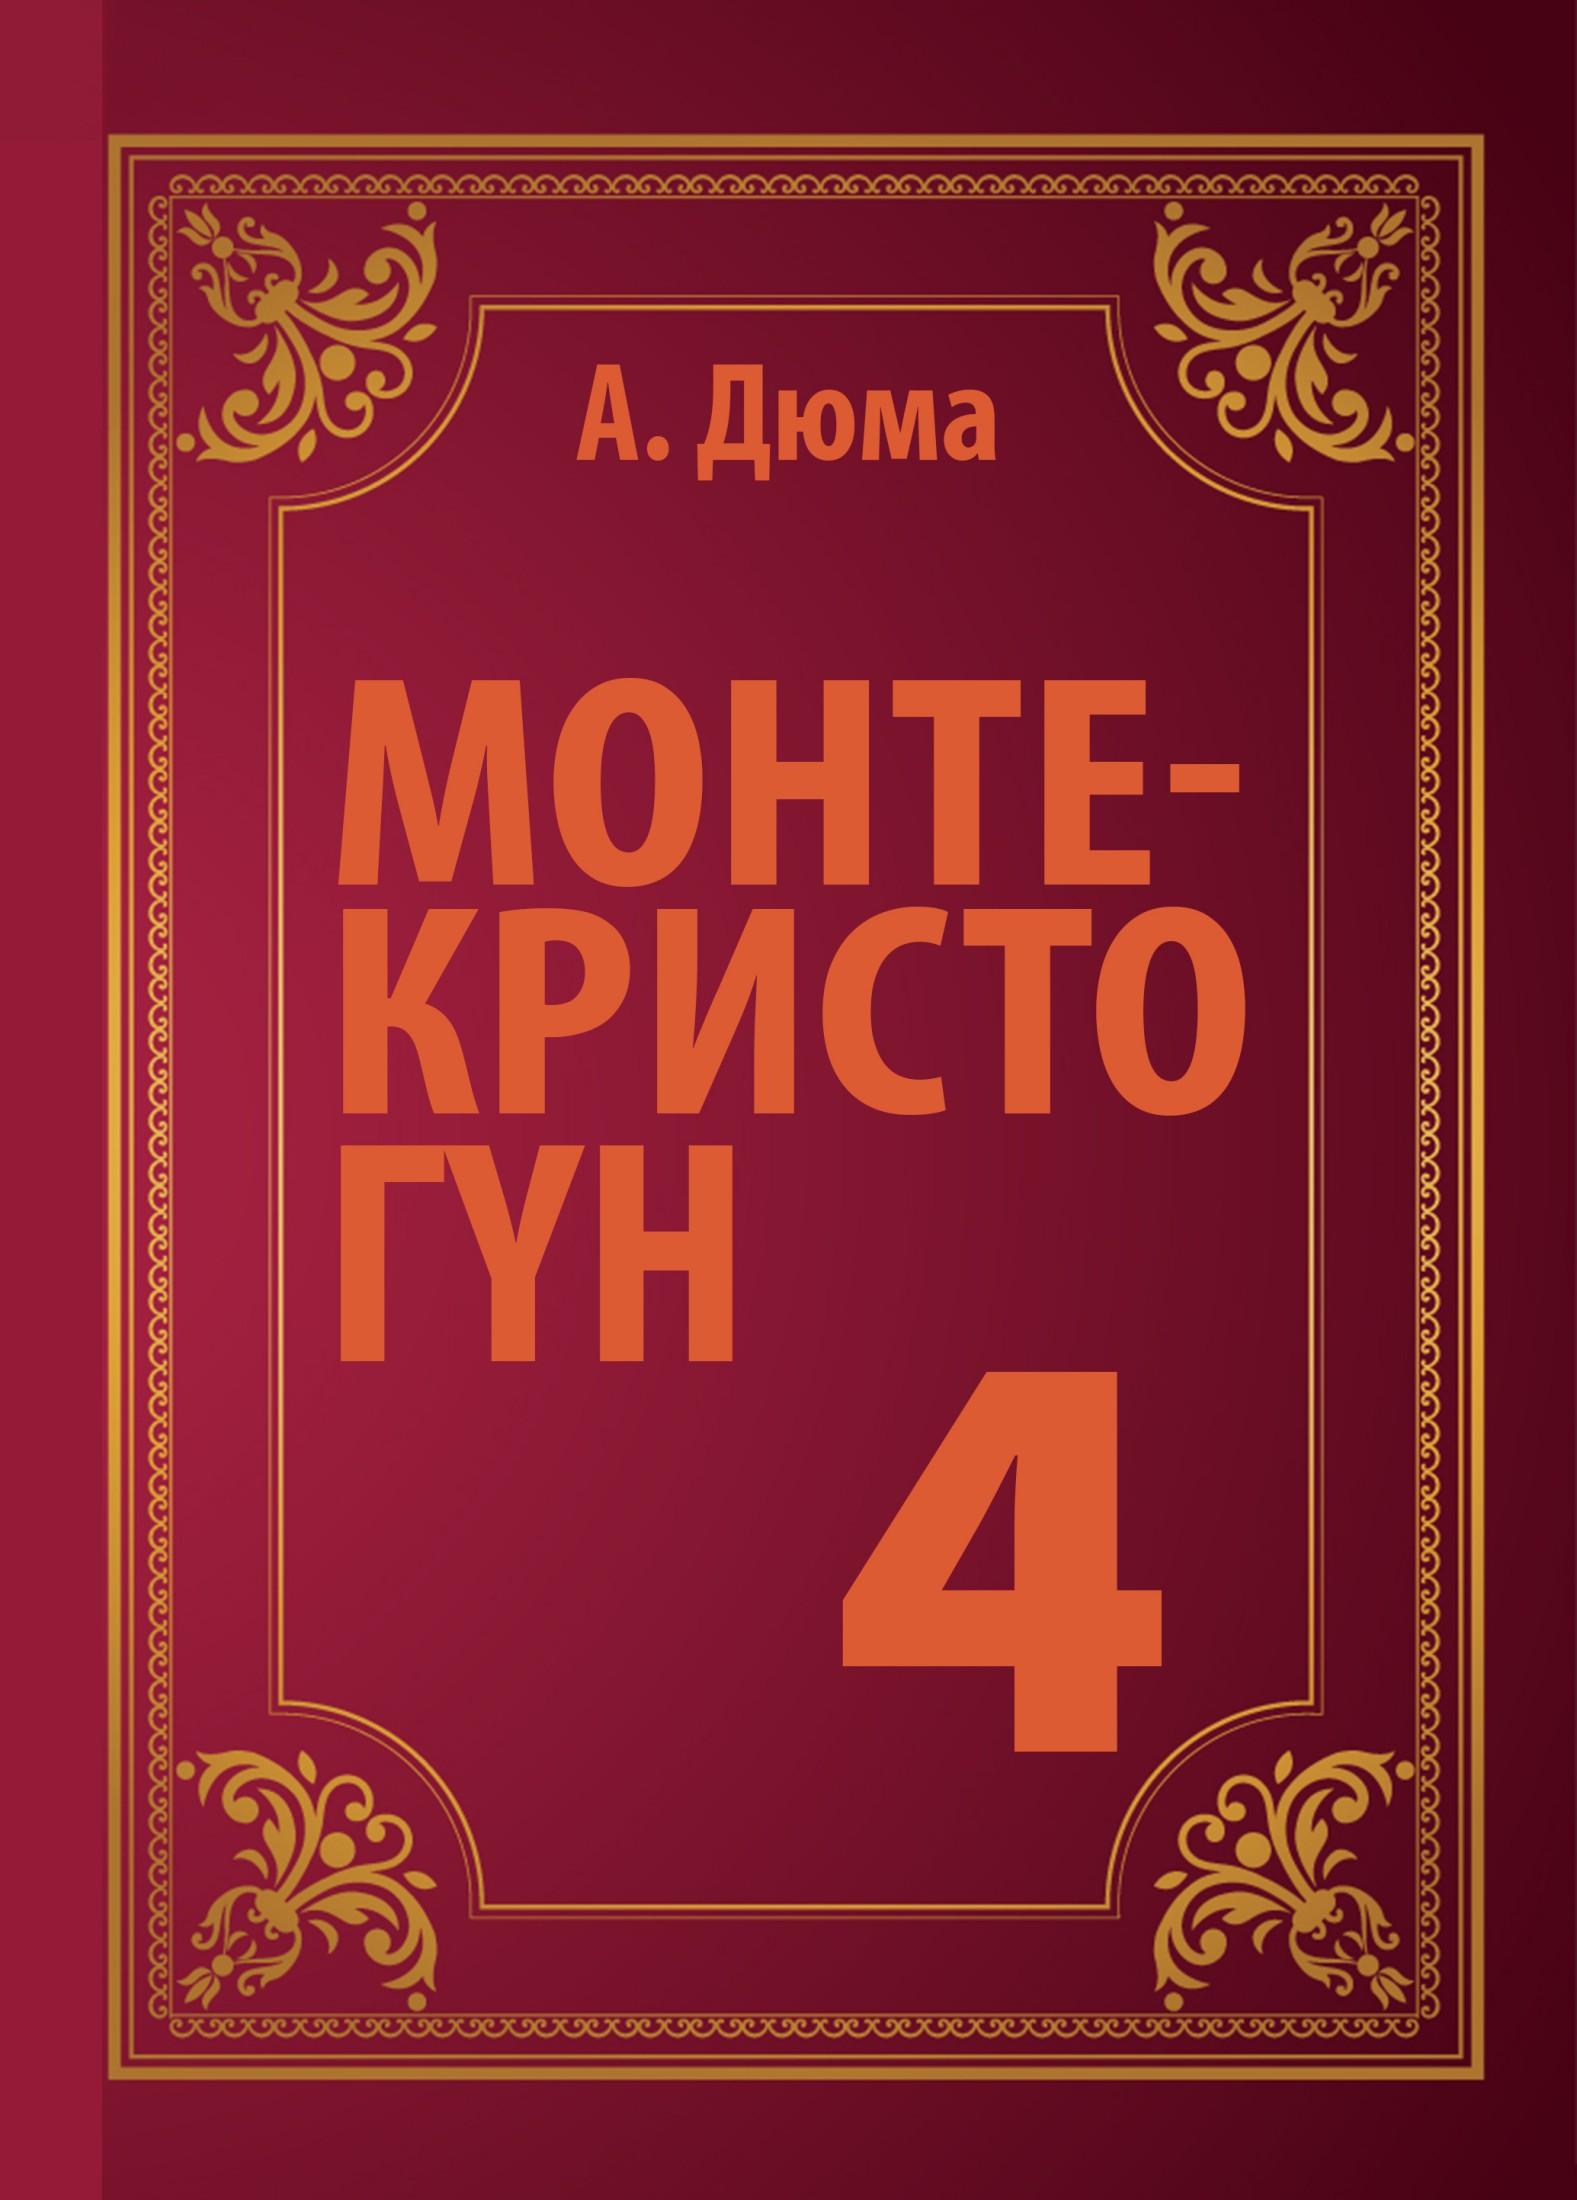 МОНТЕ-КРИСТО ГҮН 4